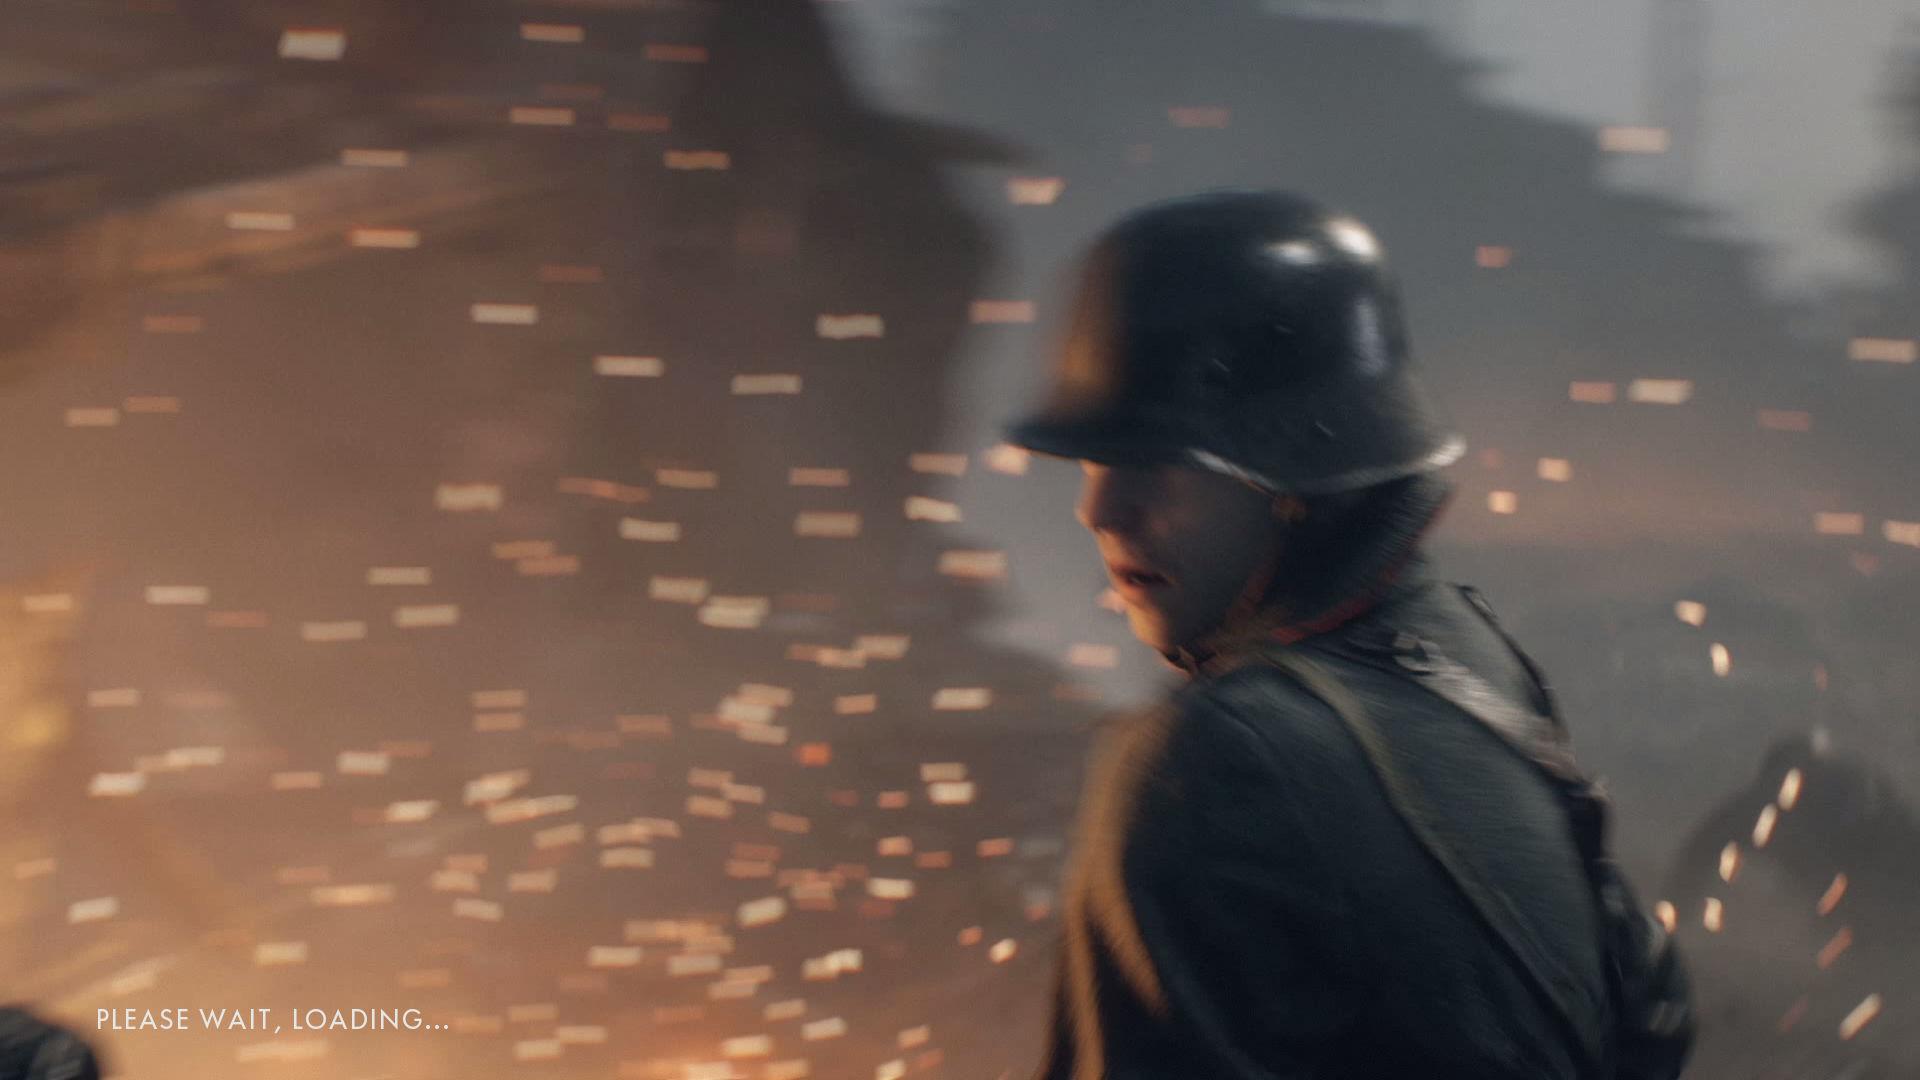 수정됨_Battlefield 1 2016.10.13 - 19.15.13.06.jpg